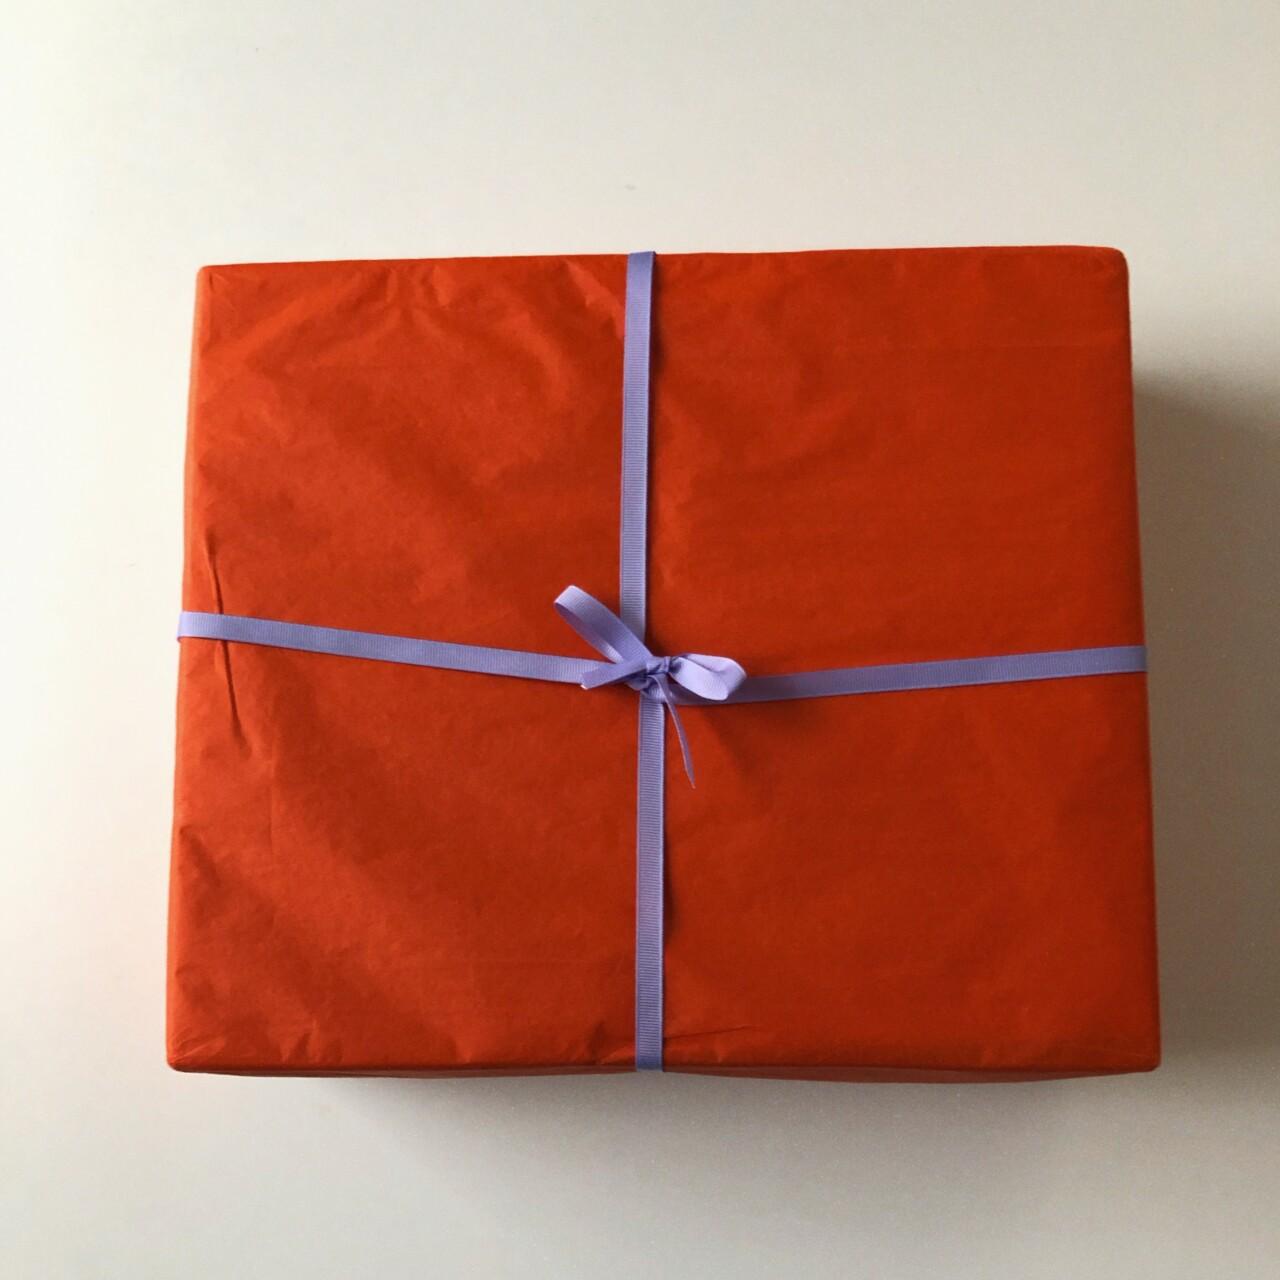 En present till mig från mig